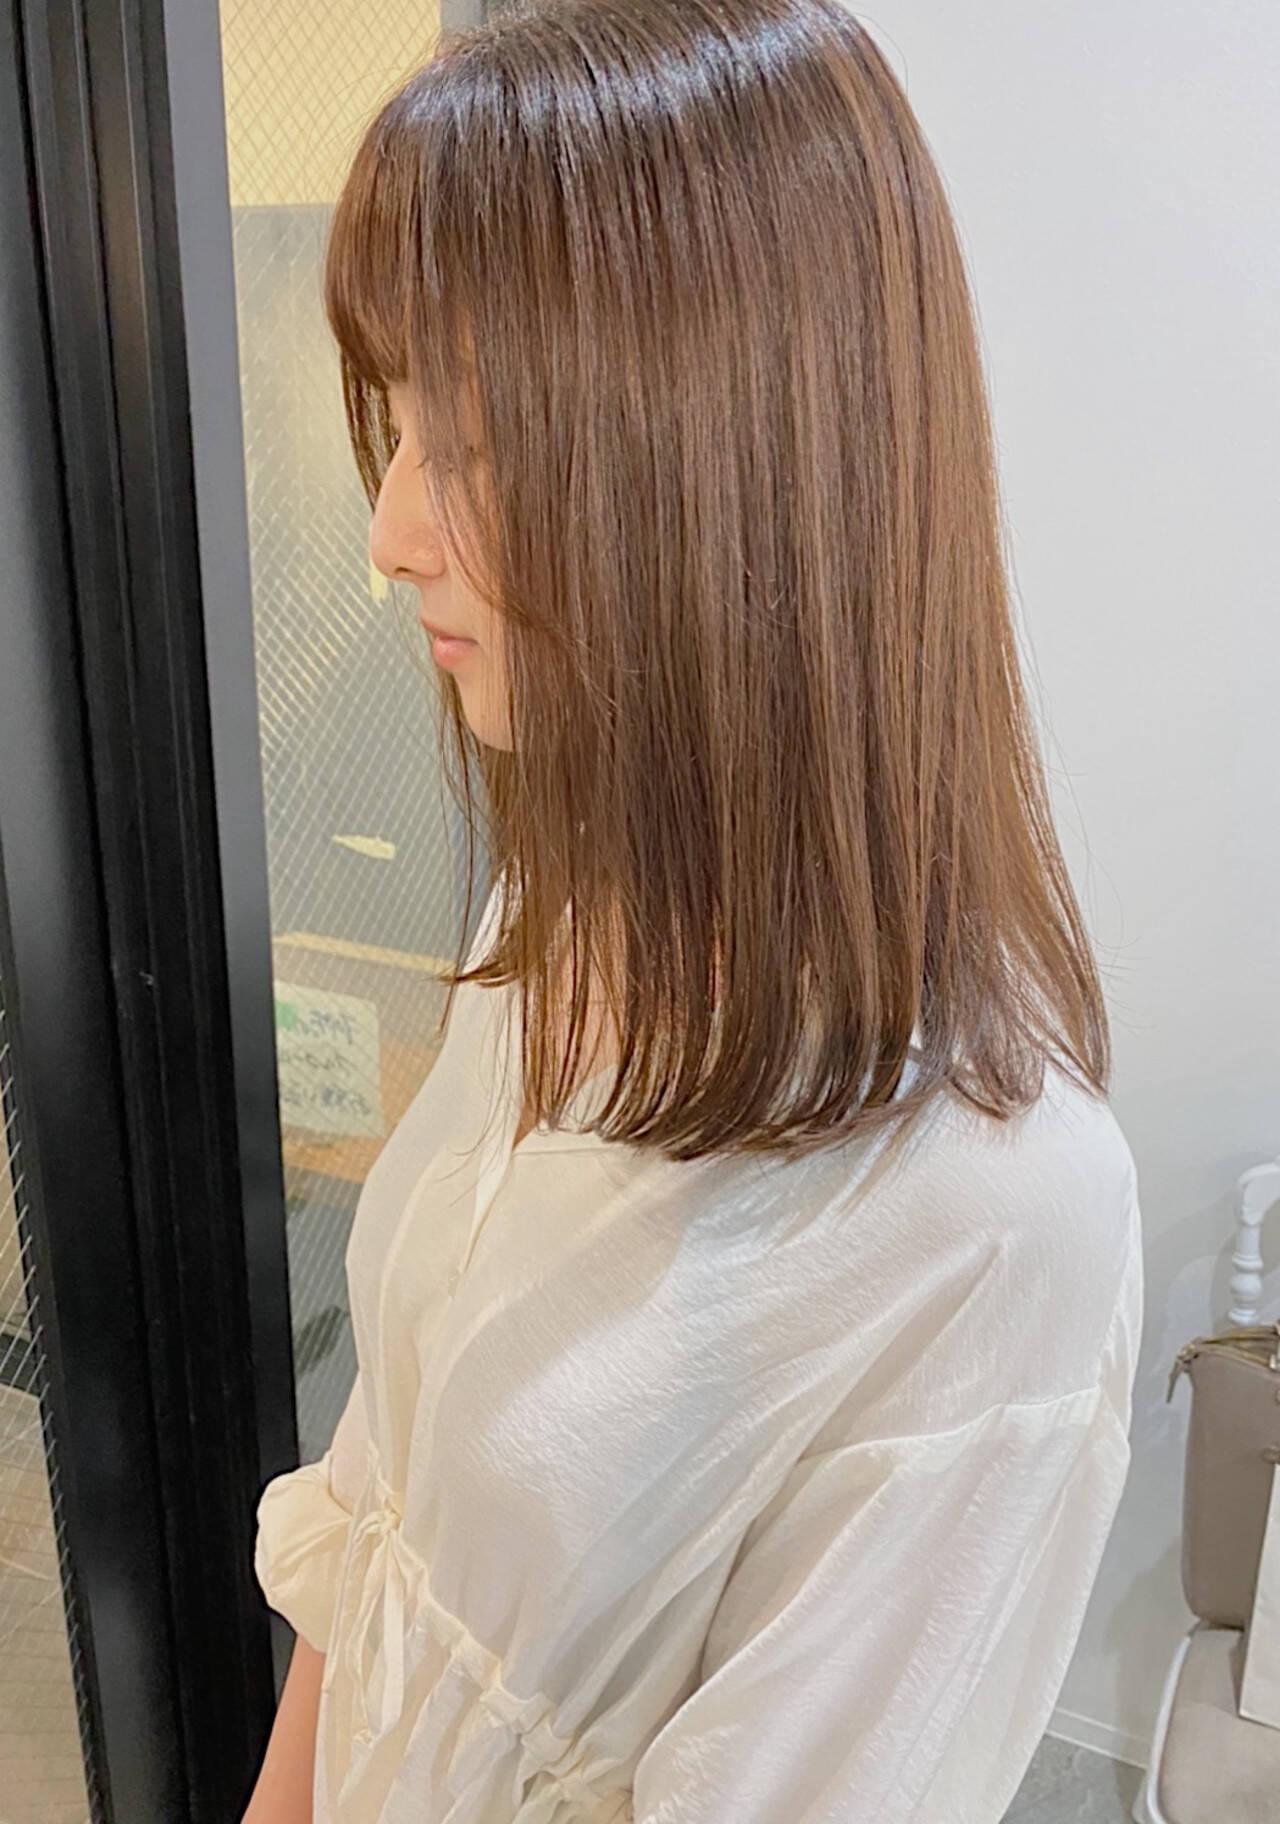 縮毛矯正 ナチュラル グレージュ ストレートヘアスタイルや髪型の写真・画像